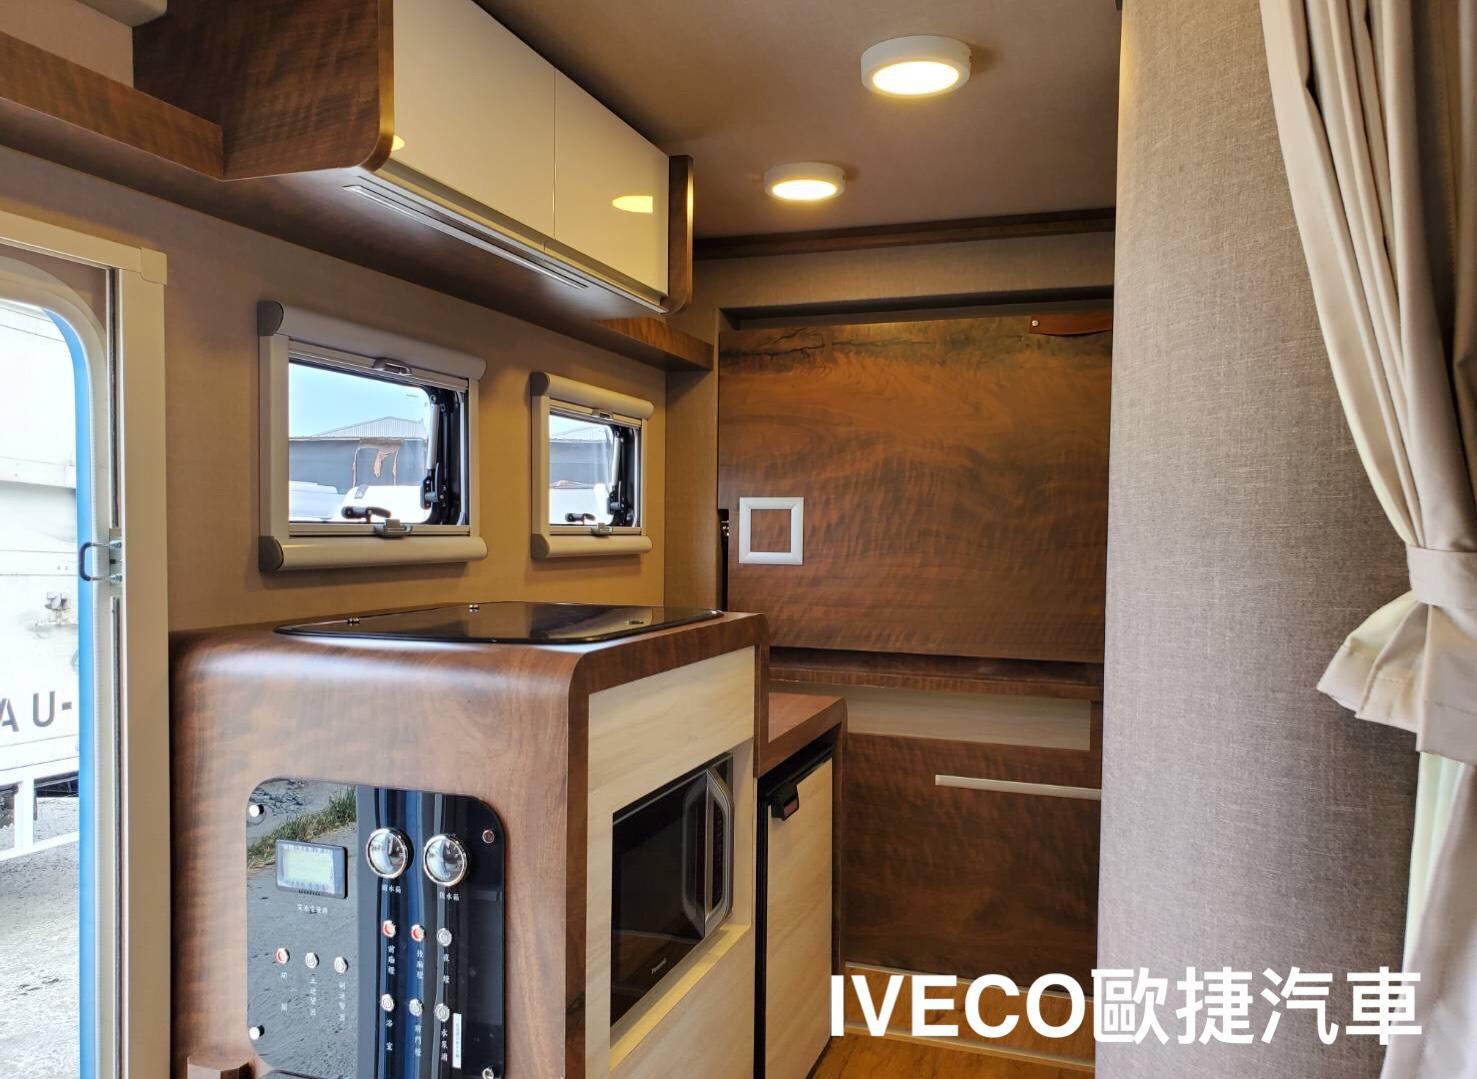 IVECO  露營車改裝內裝展示